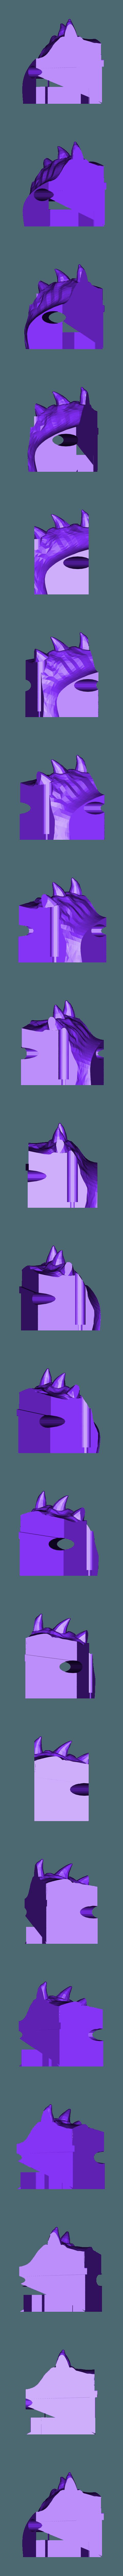 GADGETS torso pt14 .stl Download free STL file GADGET the robotic Gremlin • 3D printing object, atarka3